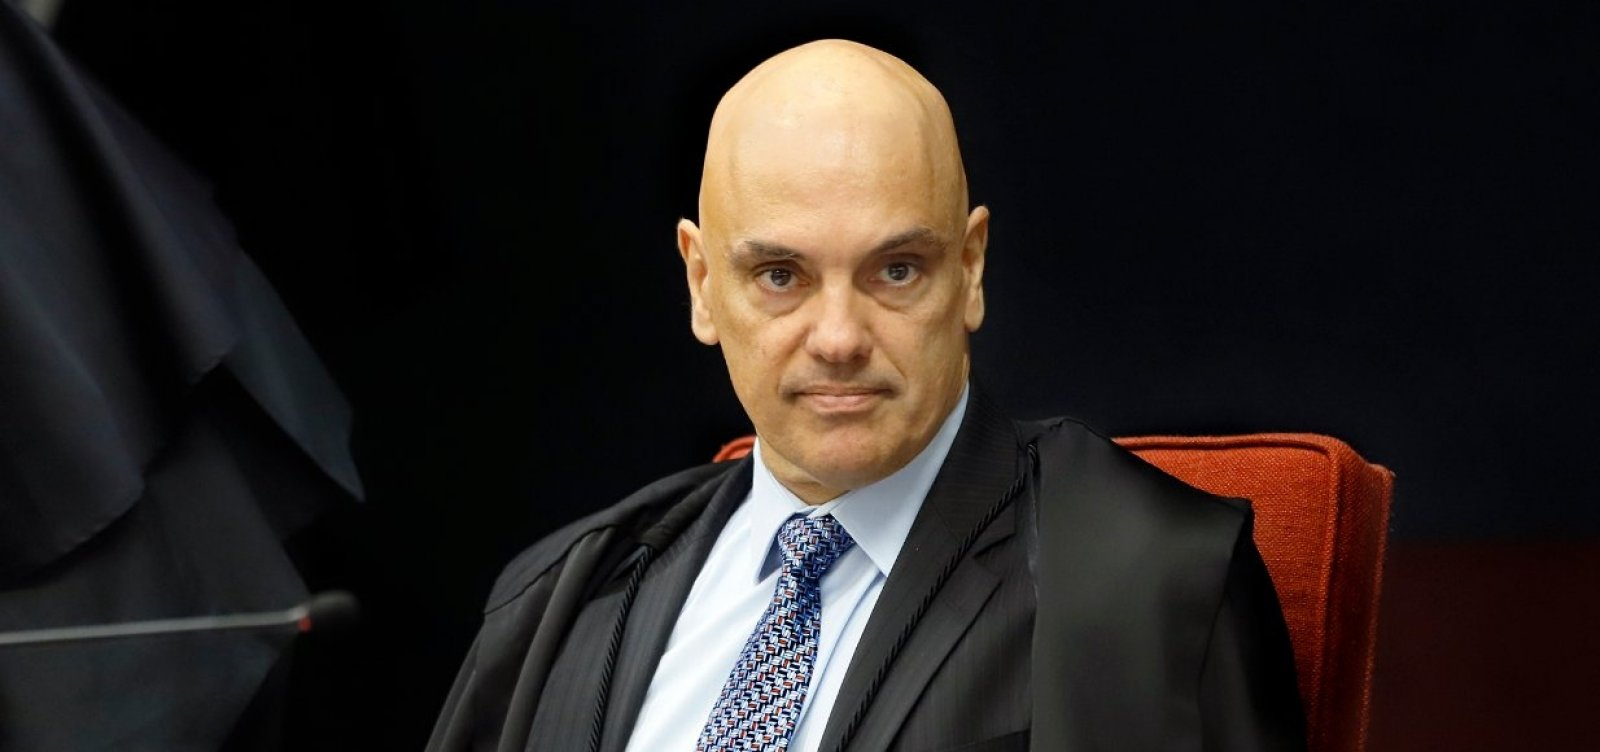 [Parlamentares bolsonaristas iam ser alvo de busca e apreensão, mas Moraes desistiu]